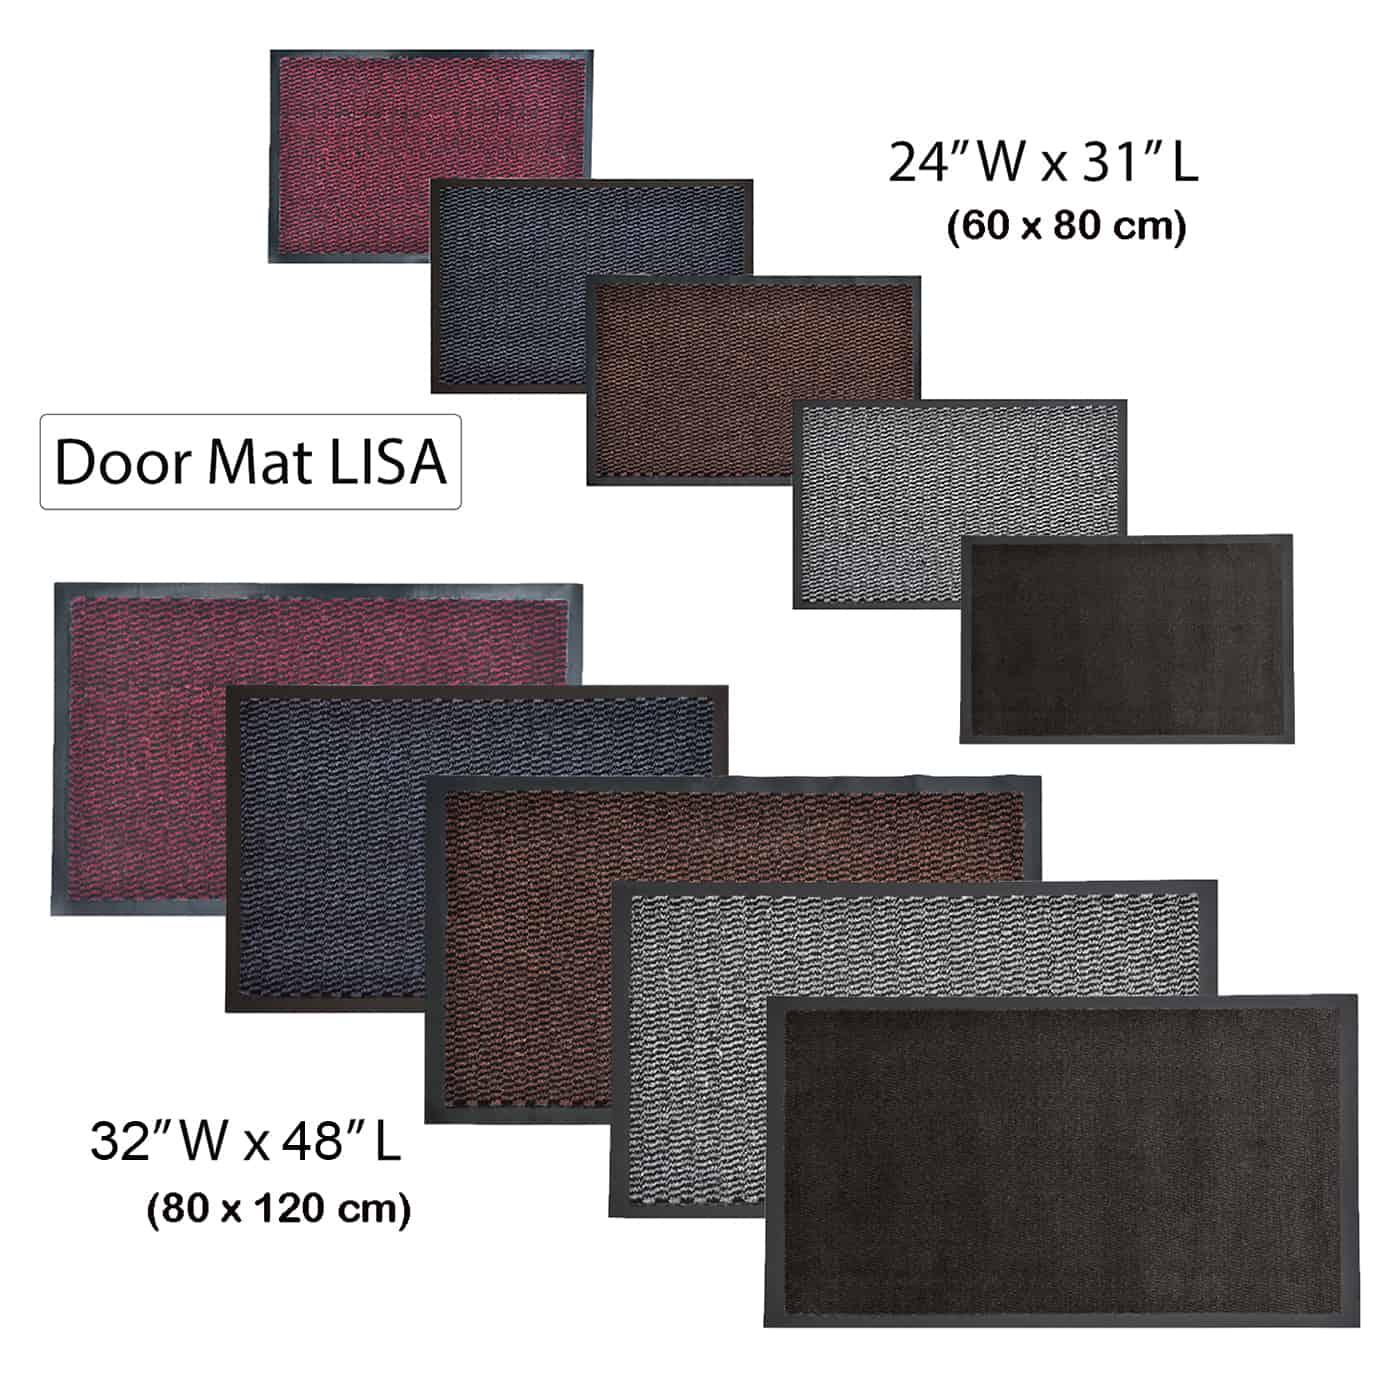 Indoor Large Door Mat Lisa 48 L x 32 W Inch PP-PVC - Blue